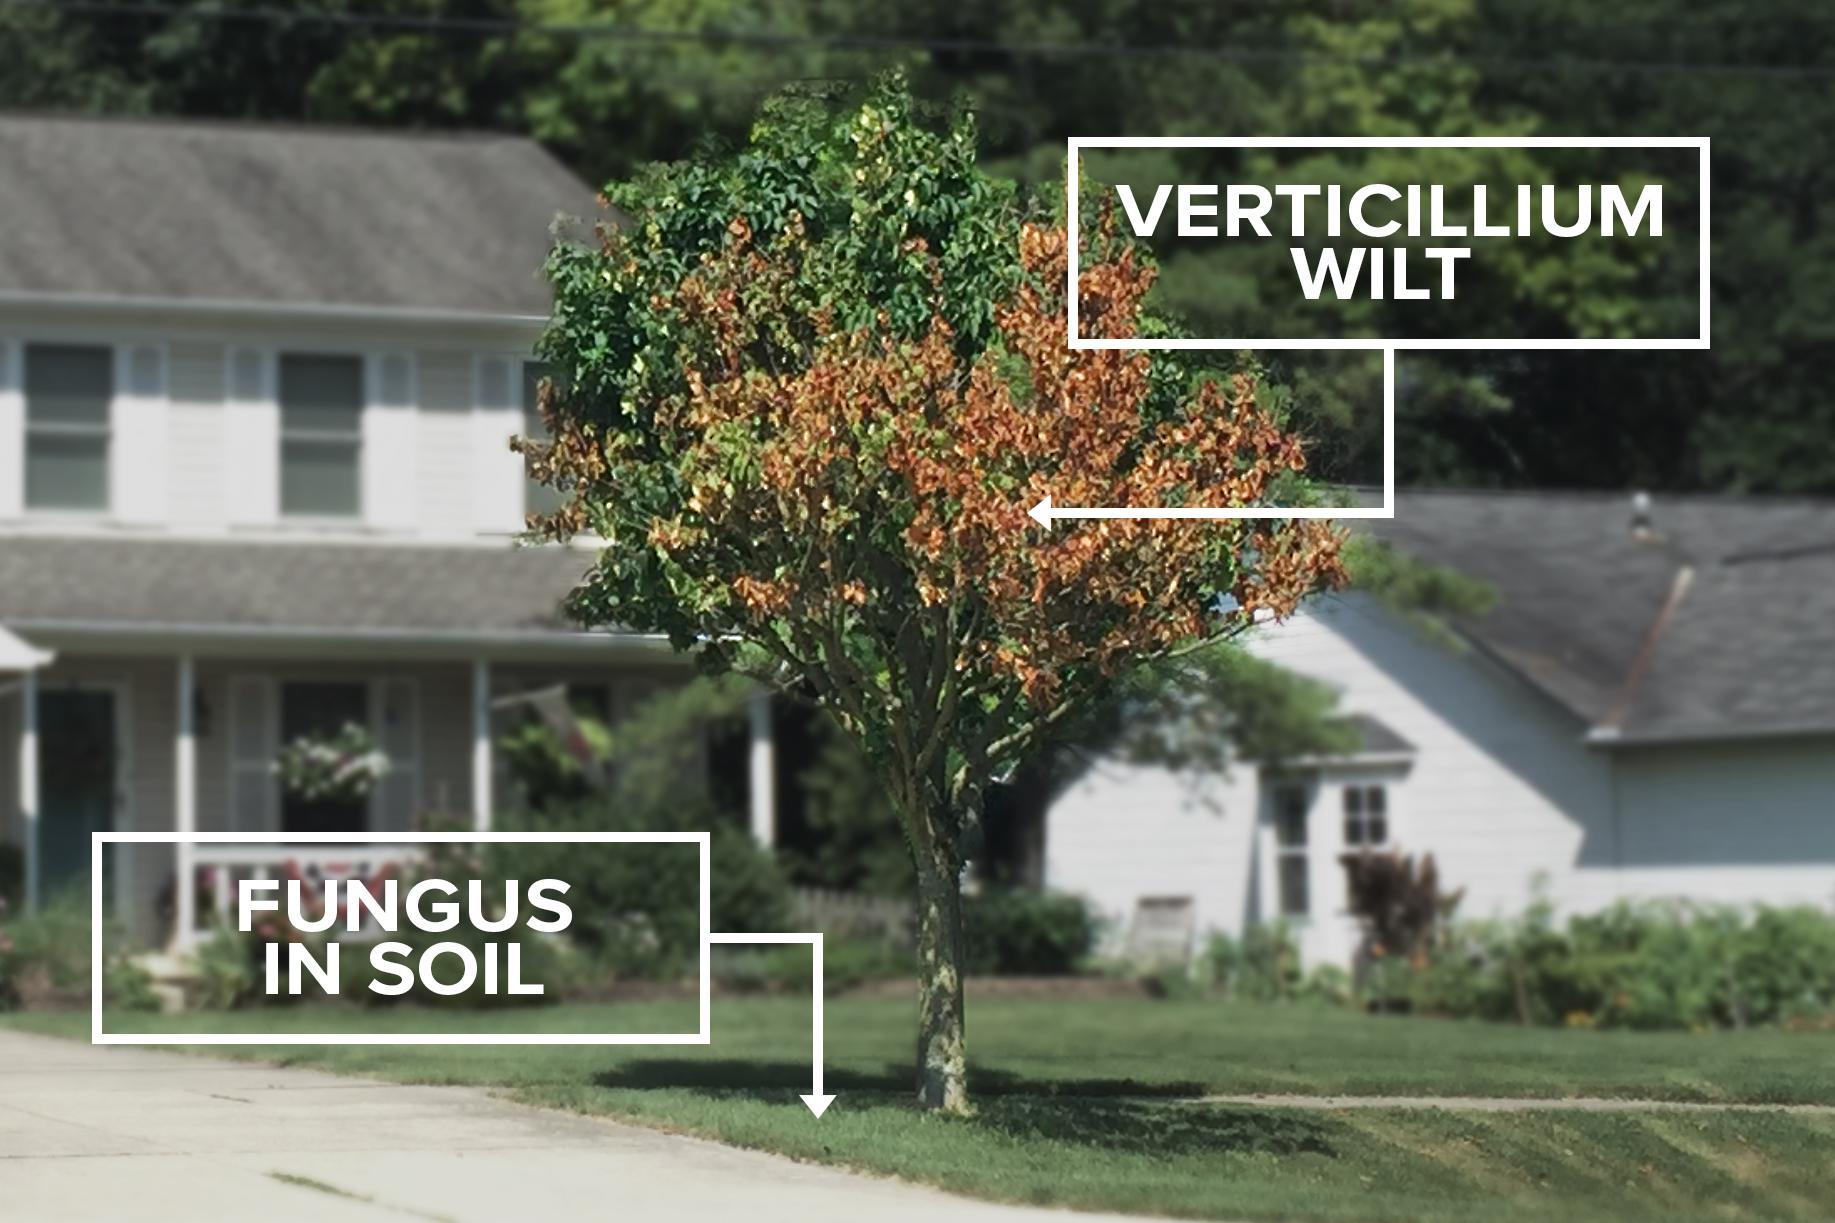 180806-verticillium-wilt-01.jpg